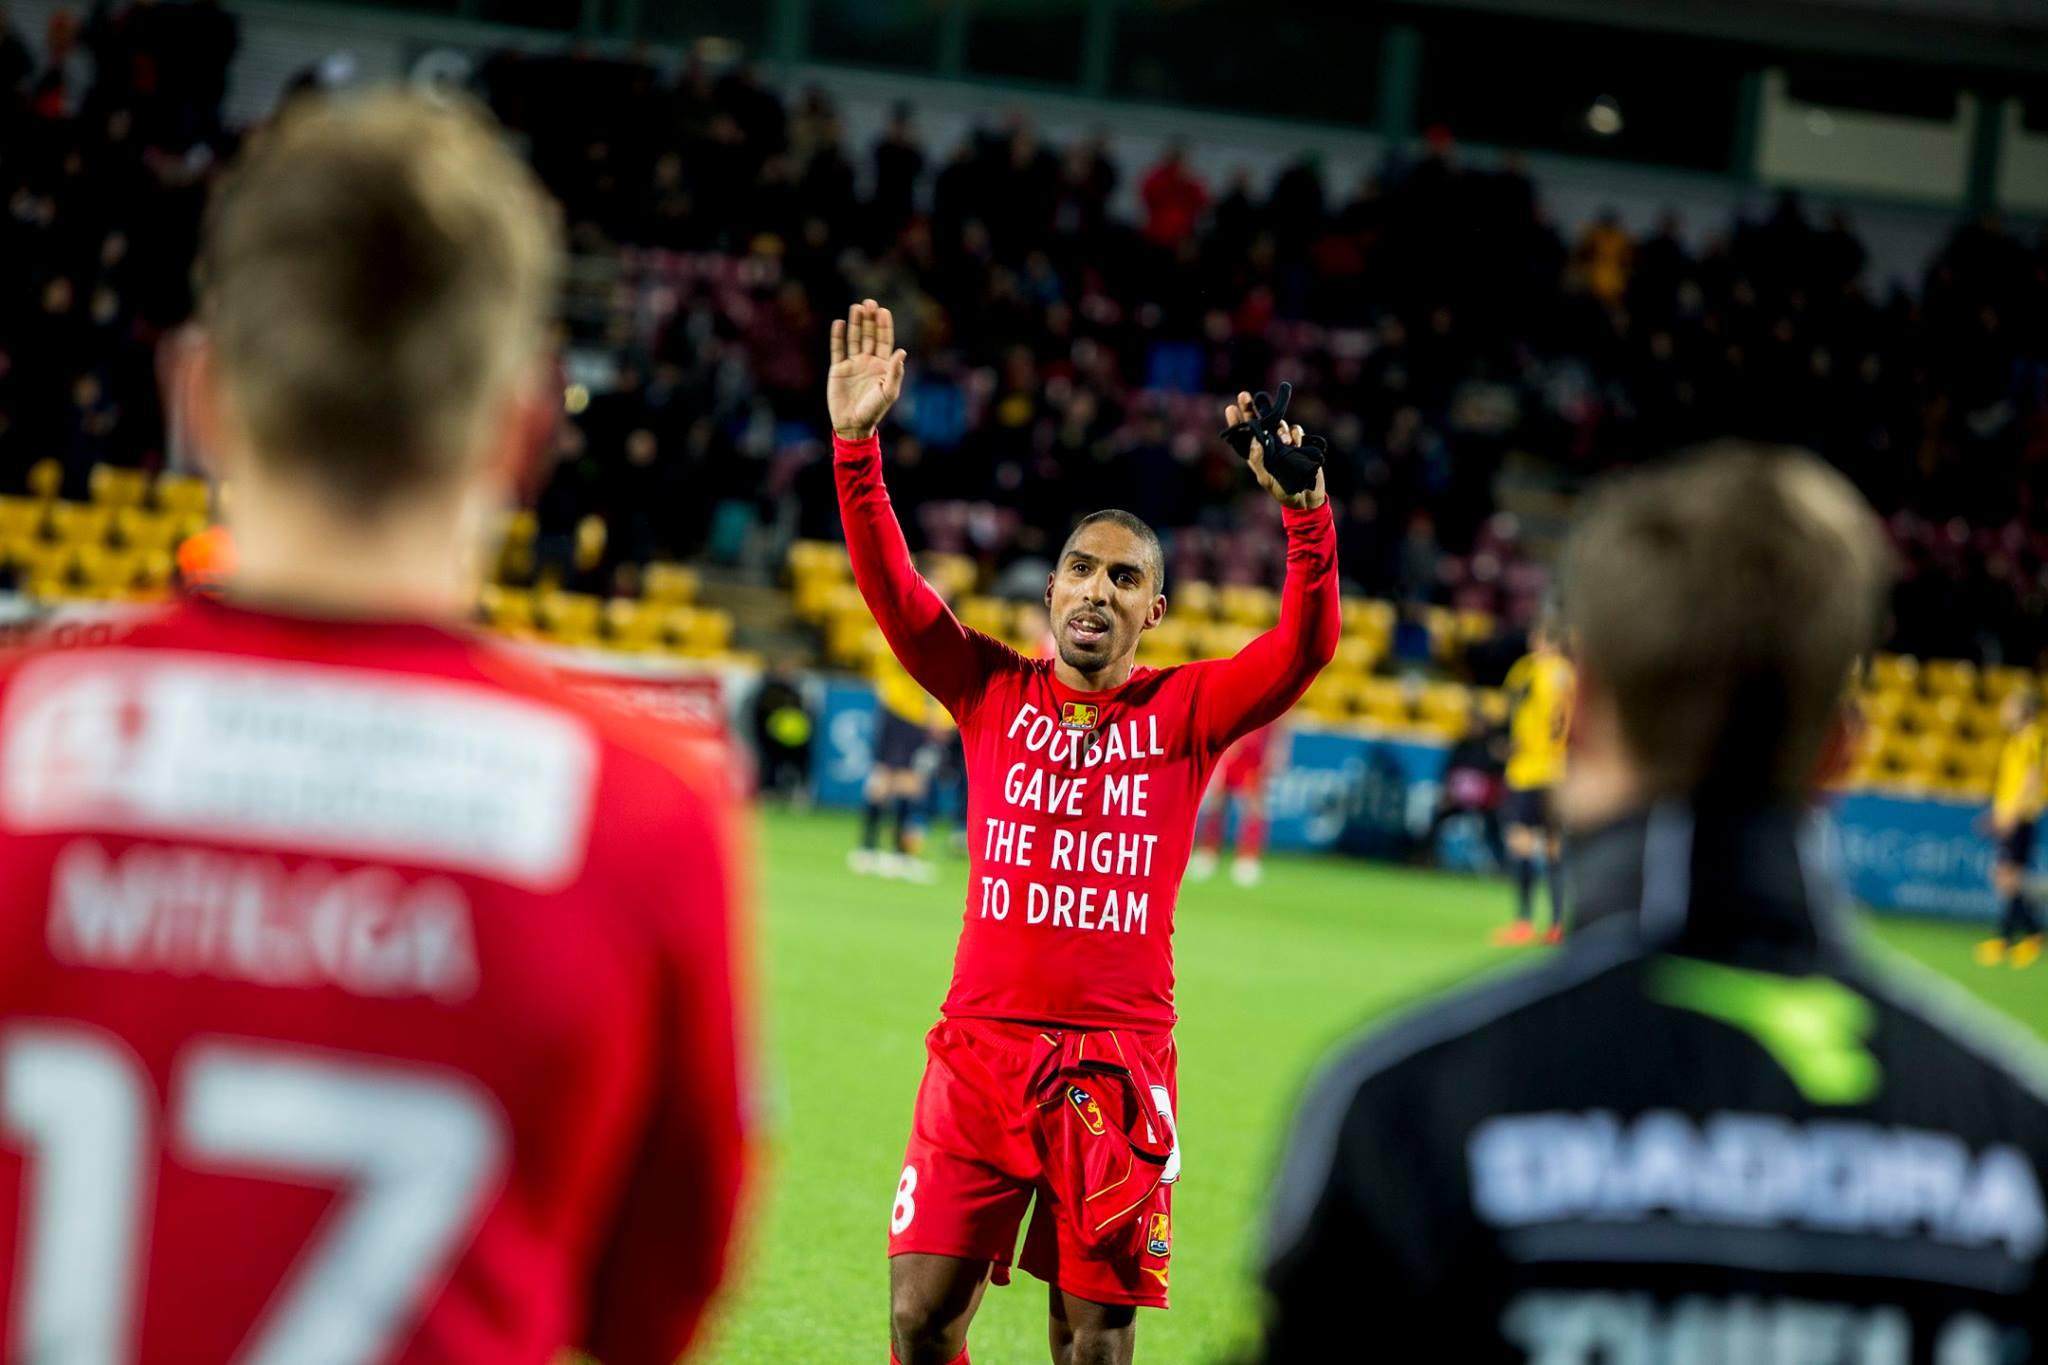 Nordsjaelland-Midtyjlland 20 ottobre: si gioca per la 13 esima giornata del campionato danese. Gli ospiti partono favoriti per i 3 punti.